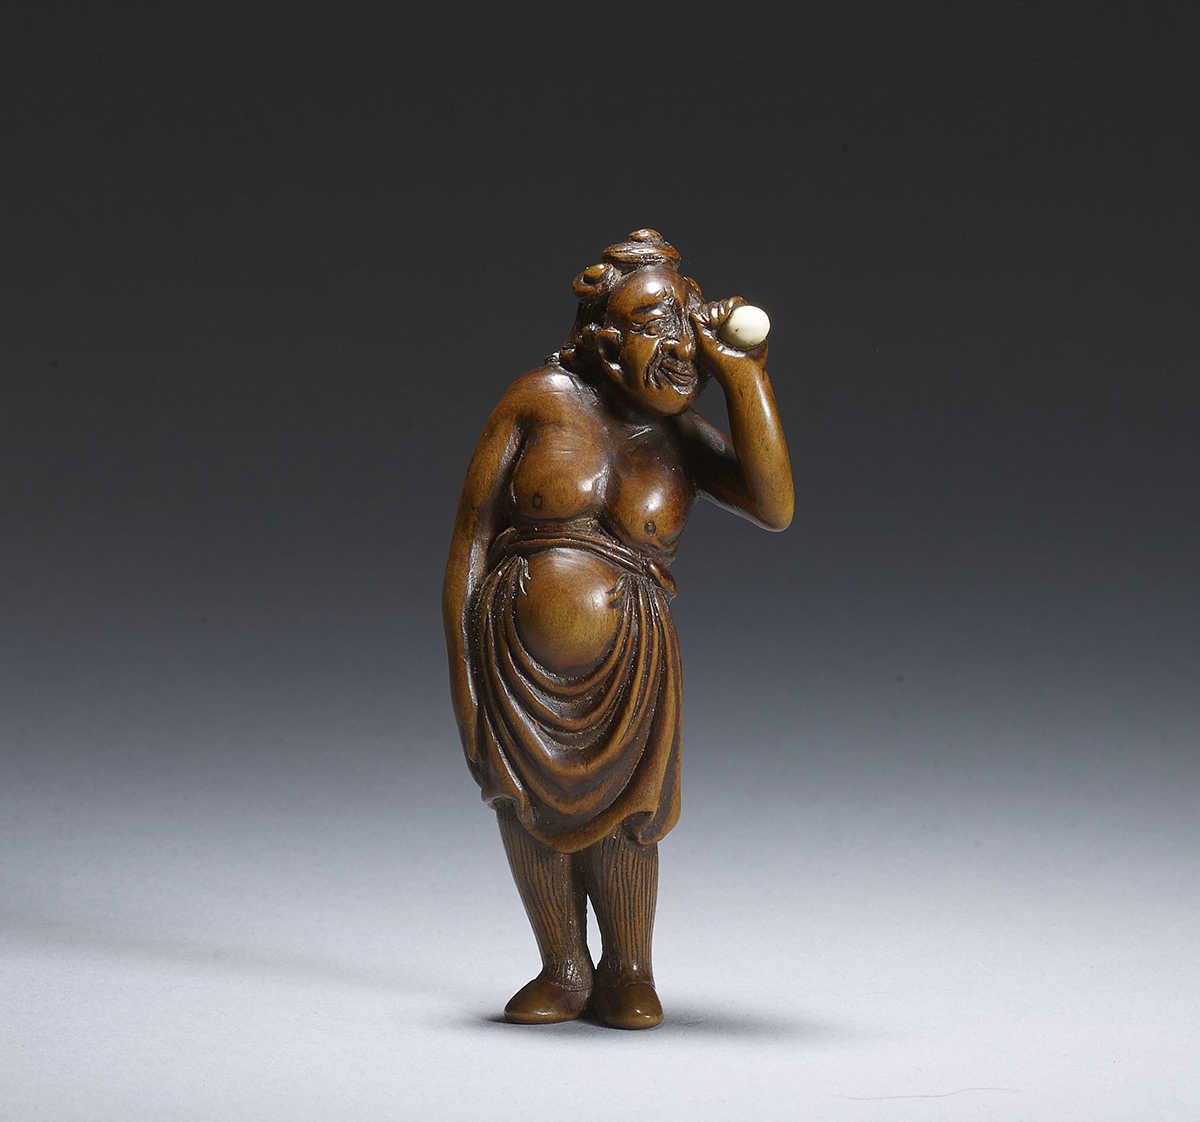 Shugetsu II c. 1800-1840, wood netsuke of an egg tester